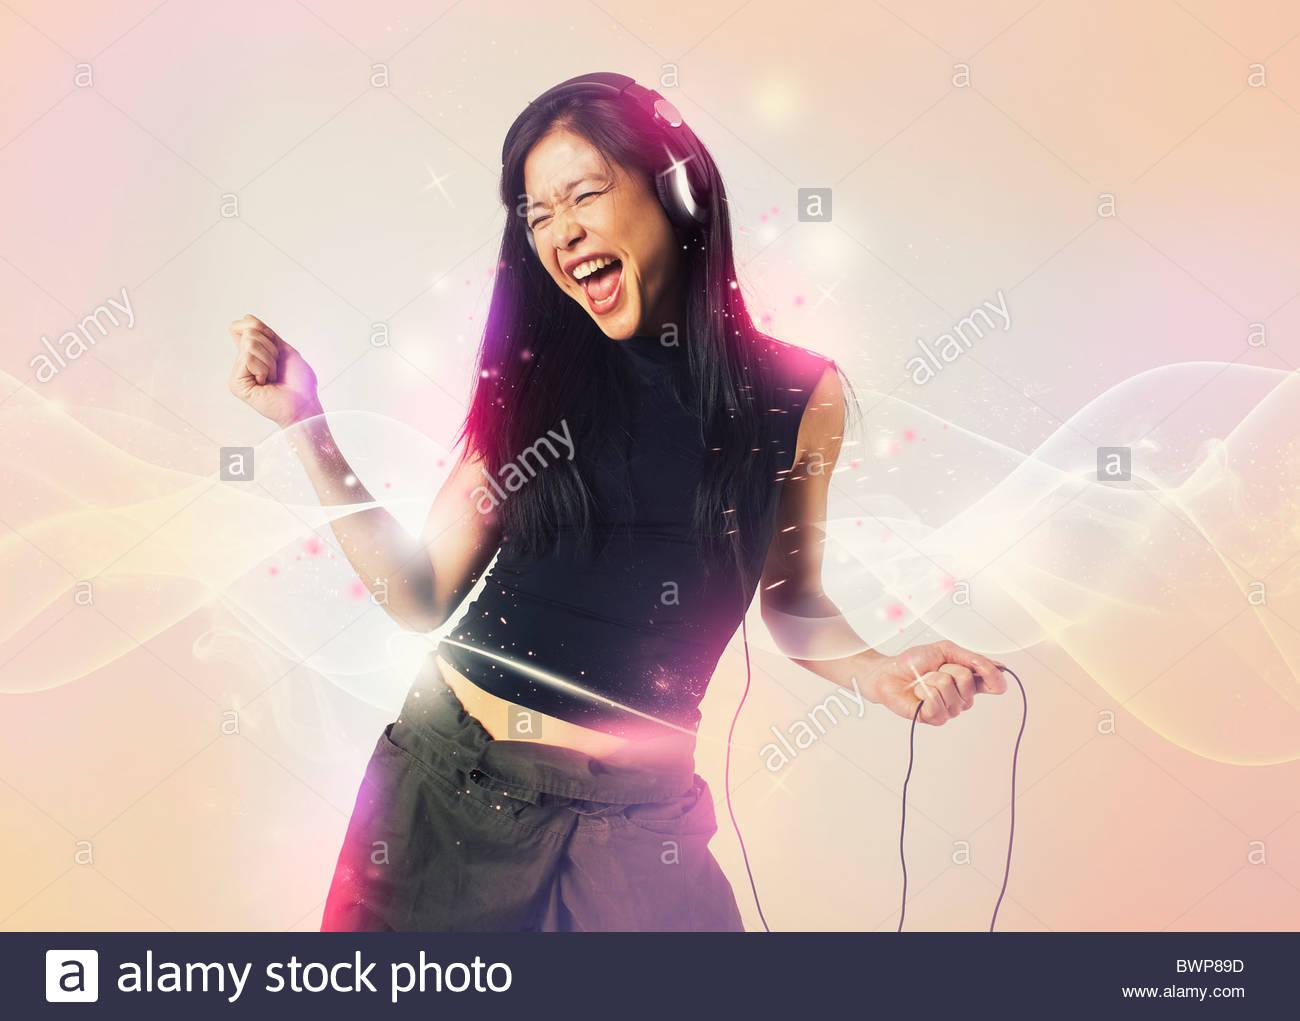 Donna Felice di cantare e ballare Immagini Stock